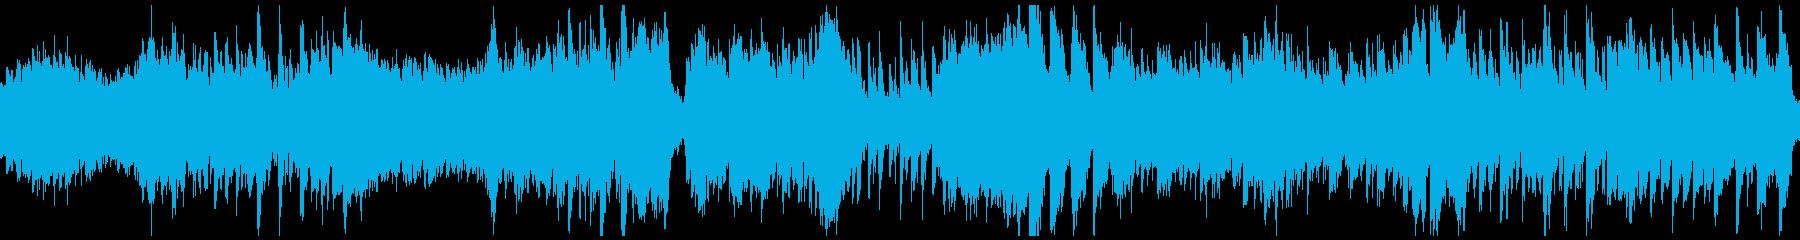 大正浪漫の華やかなタンゴ(ループ)の再生済みの波形